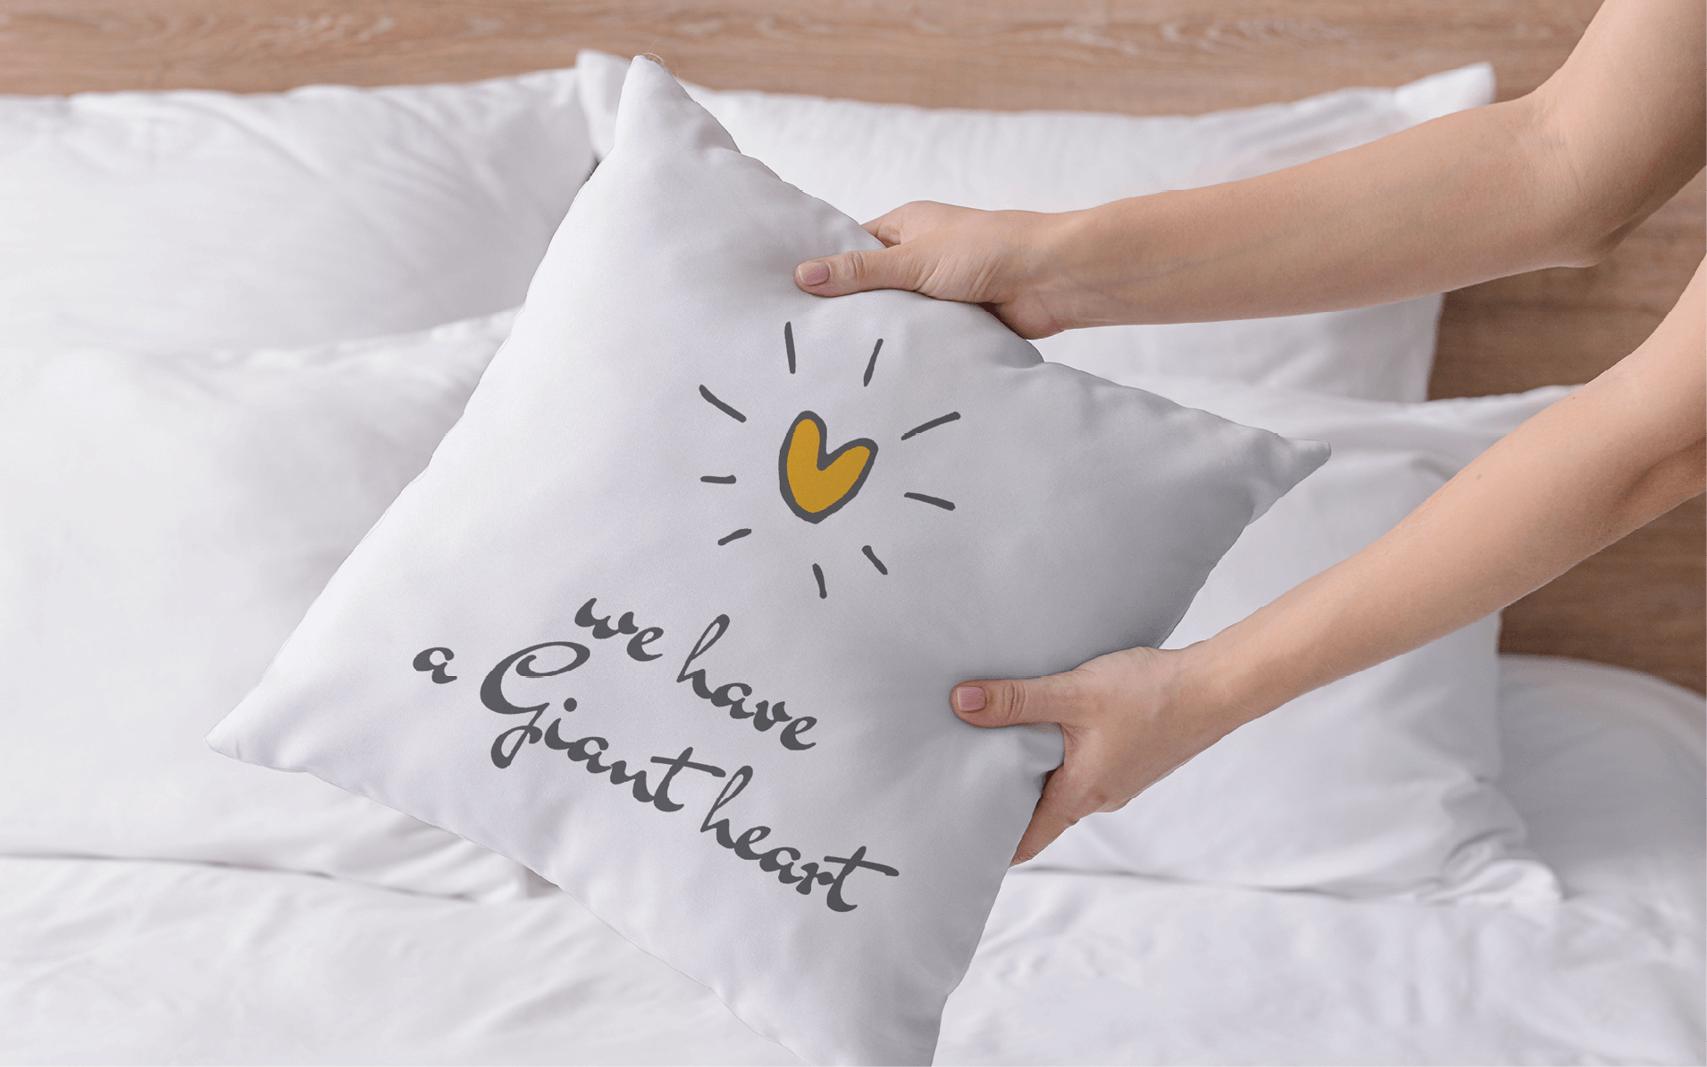 עיצוב כריות נוי עם מסר